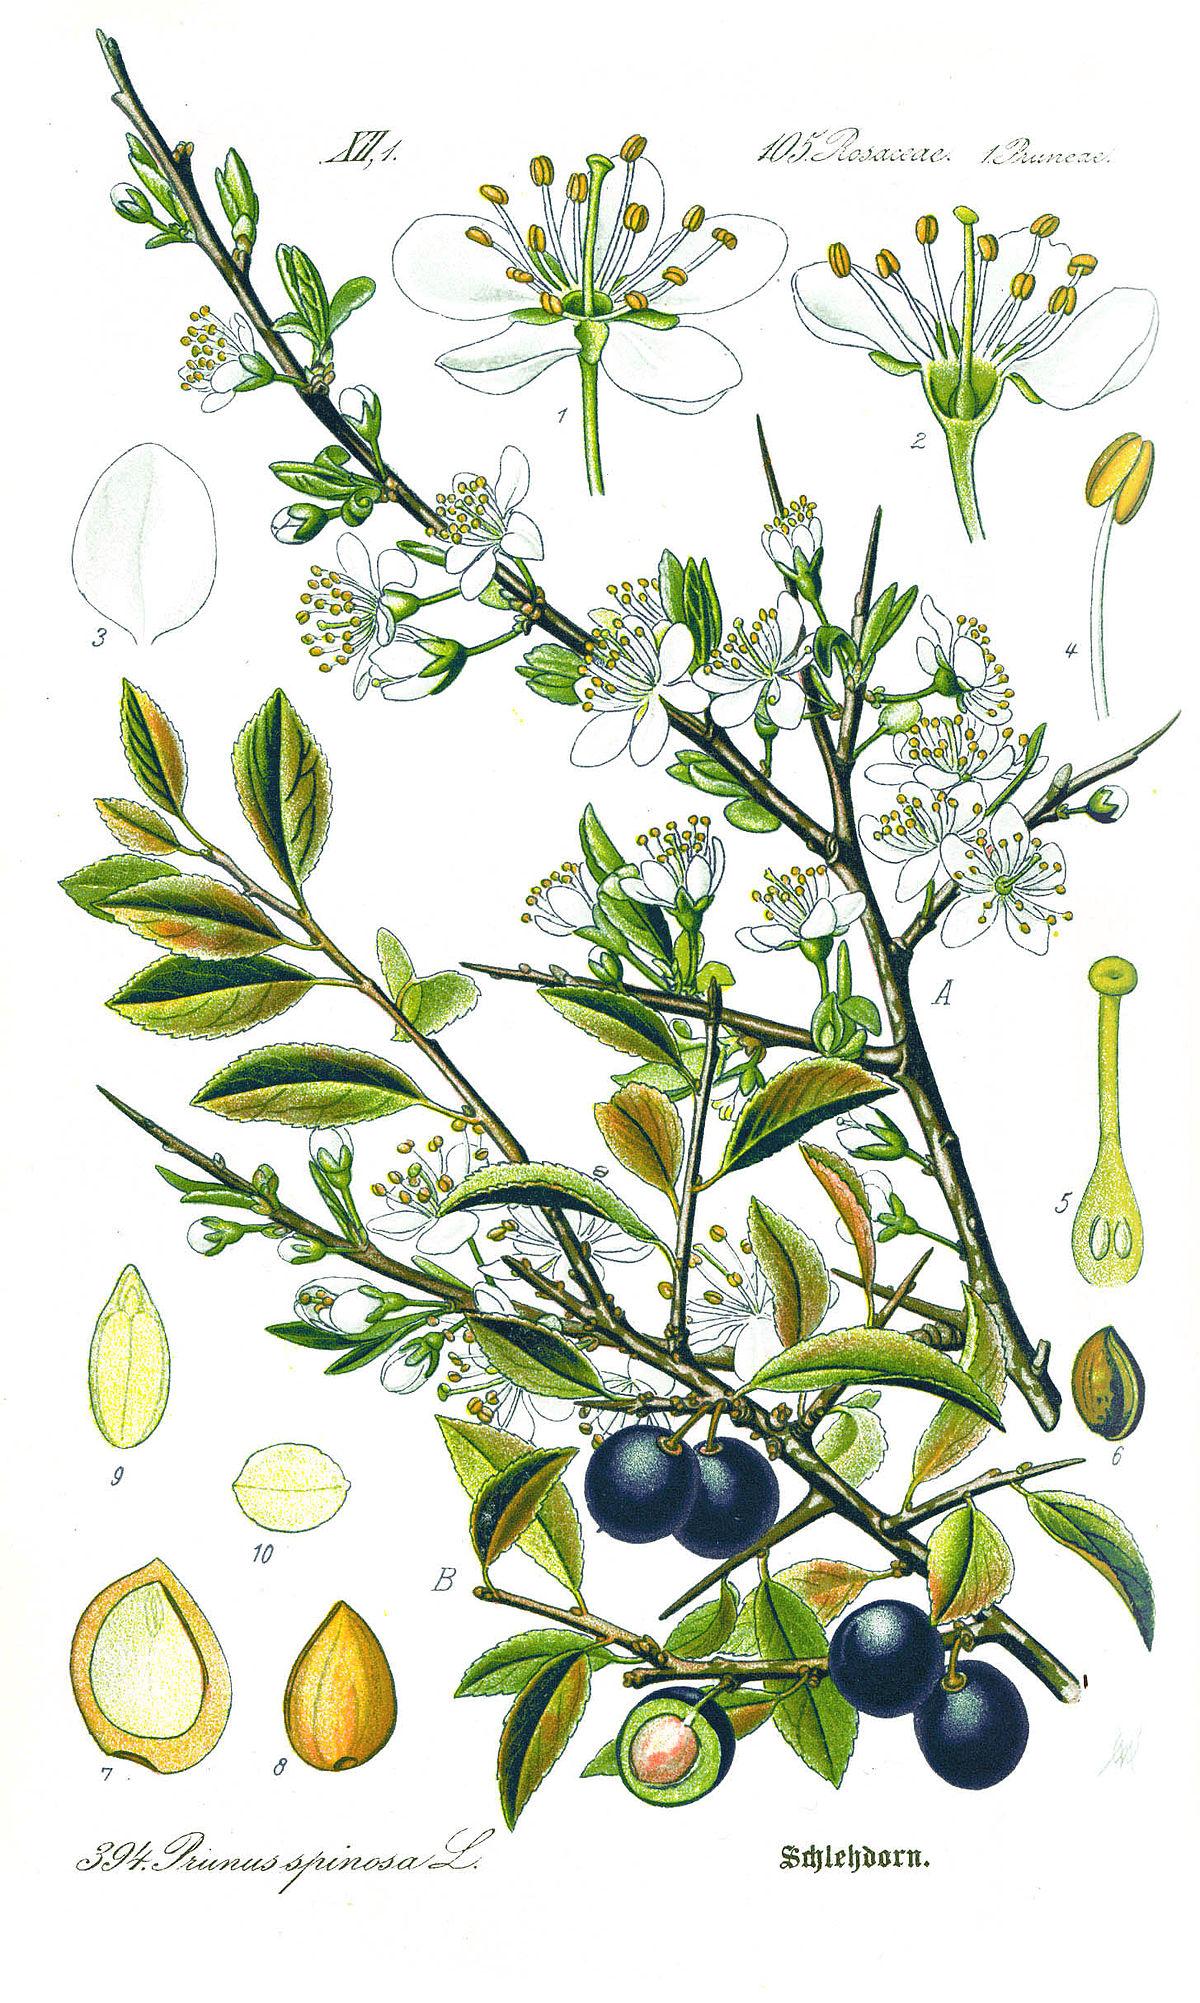 Prunus Spinosa Wiktionary